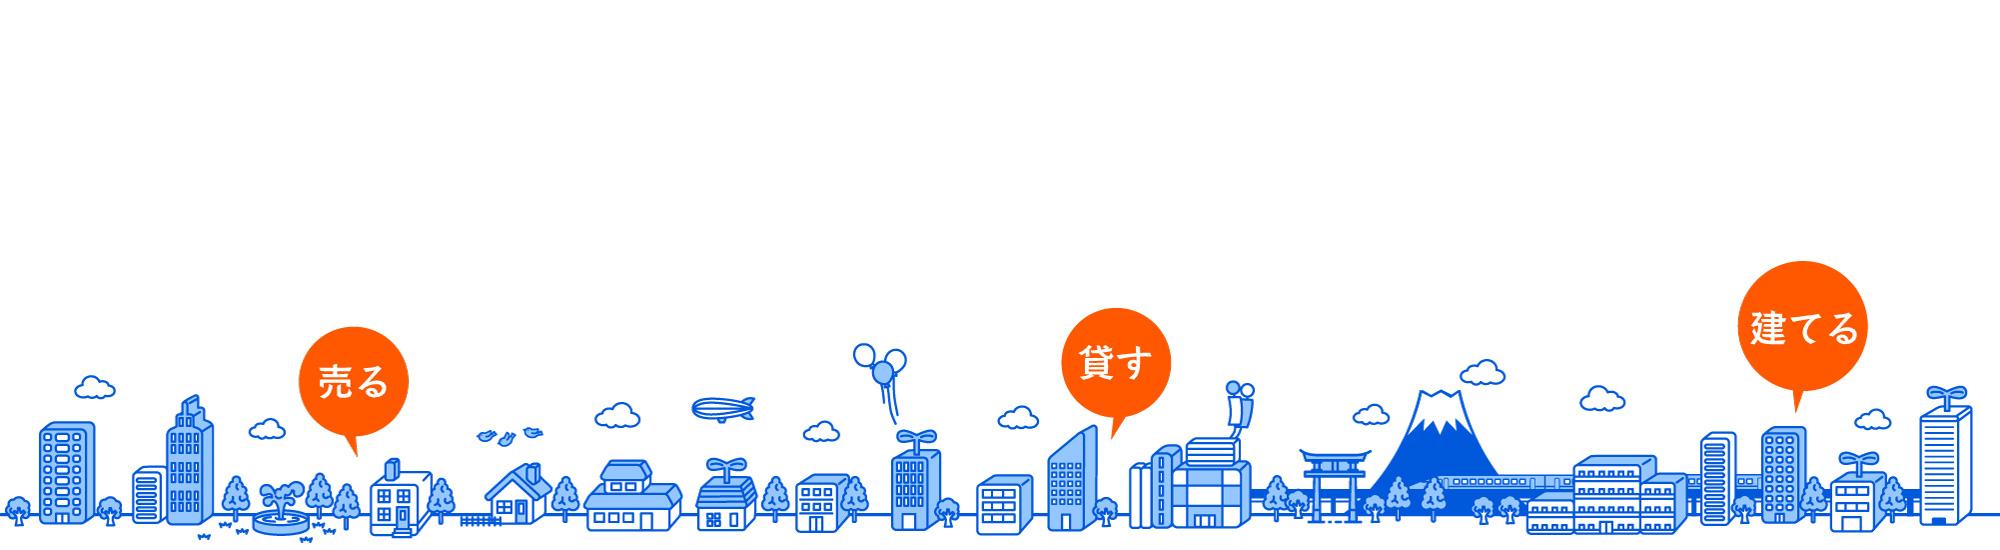 【カワブロ】加和太建設(株)営業部ブログ